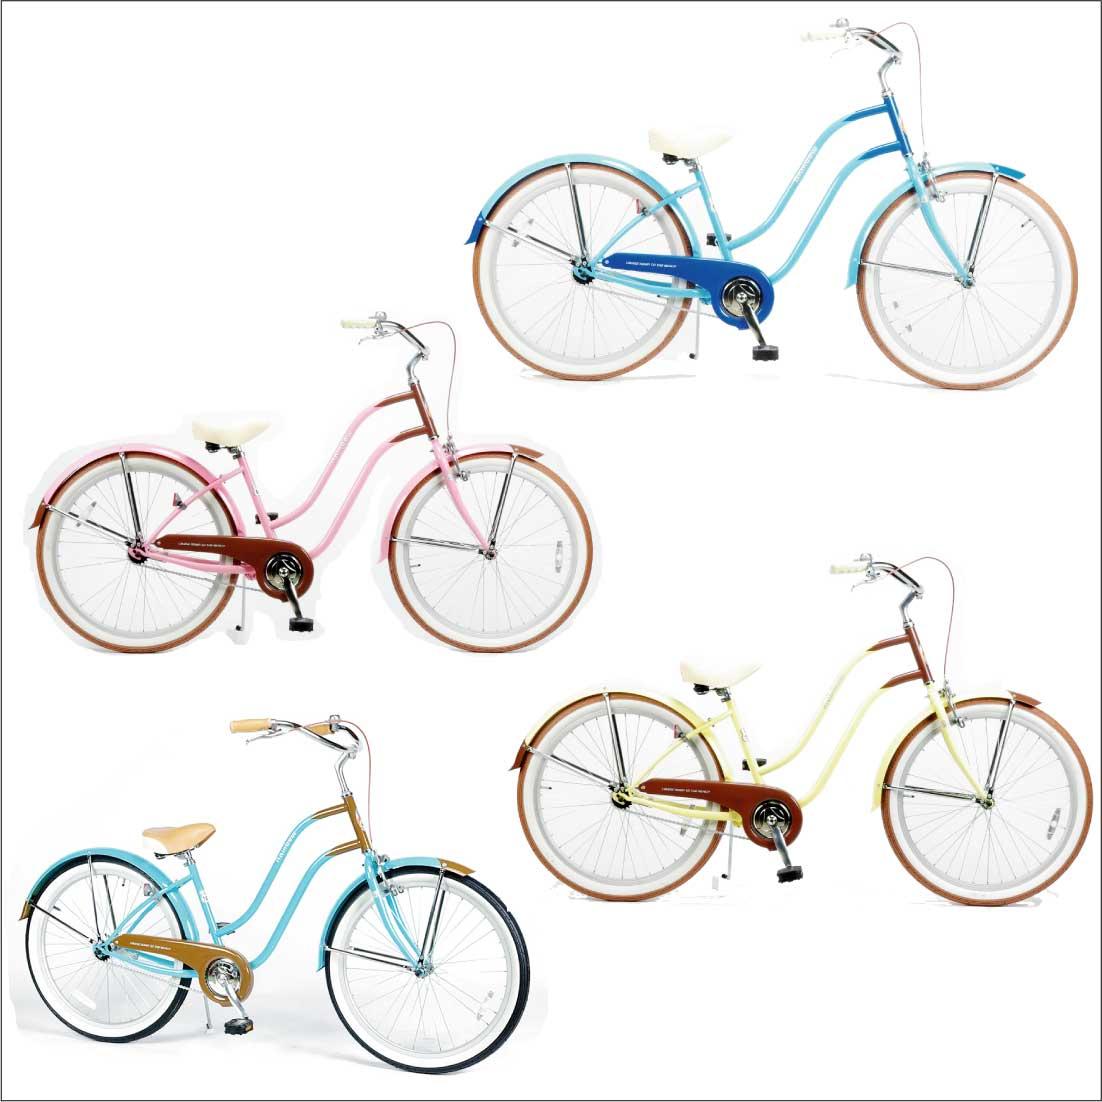 ビーチクルーザー 26インチ おしゃれ 自転車 通勤 通学 レインボービーチクルーザー 26lady-STD レディース ジュニア